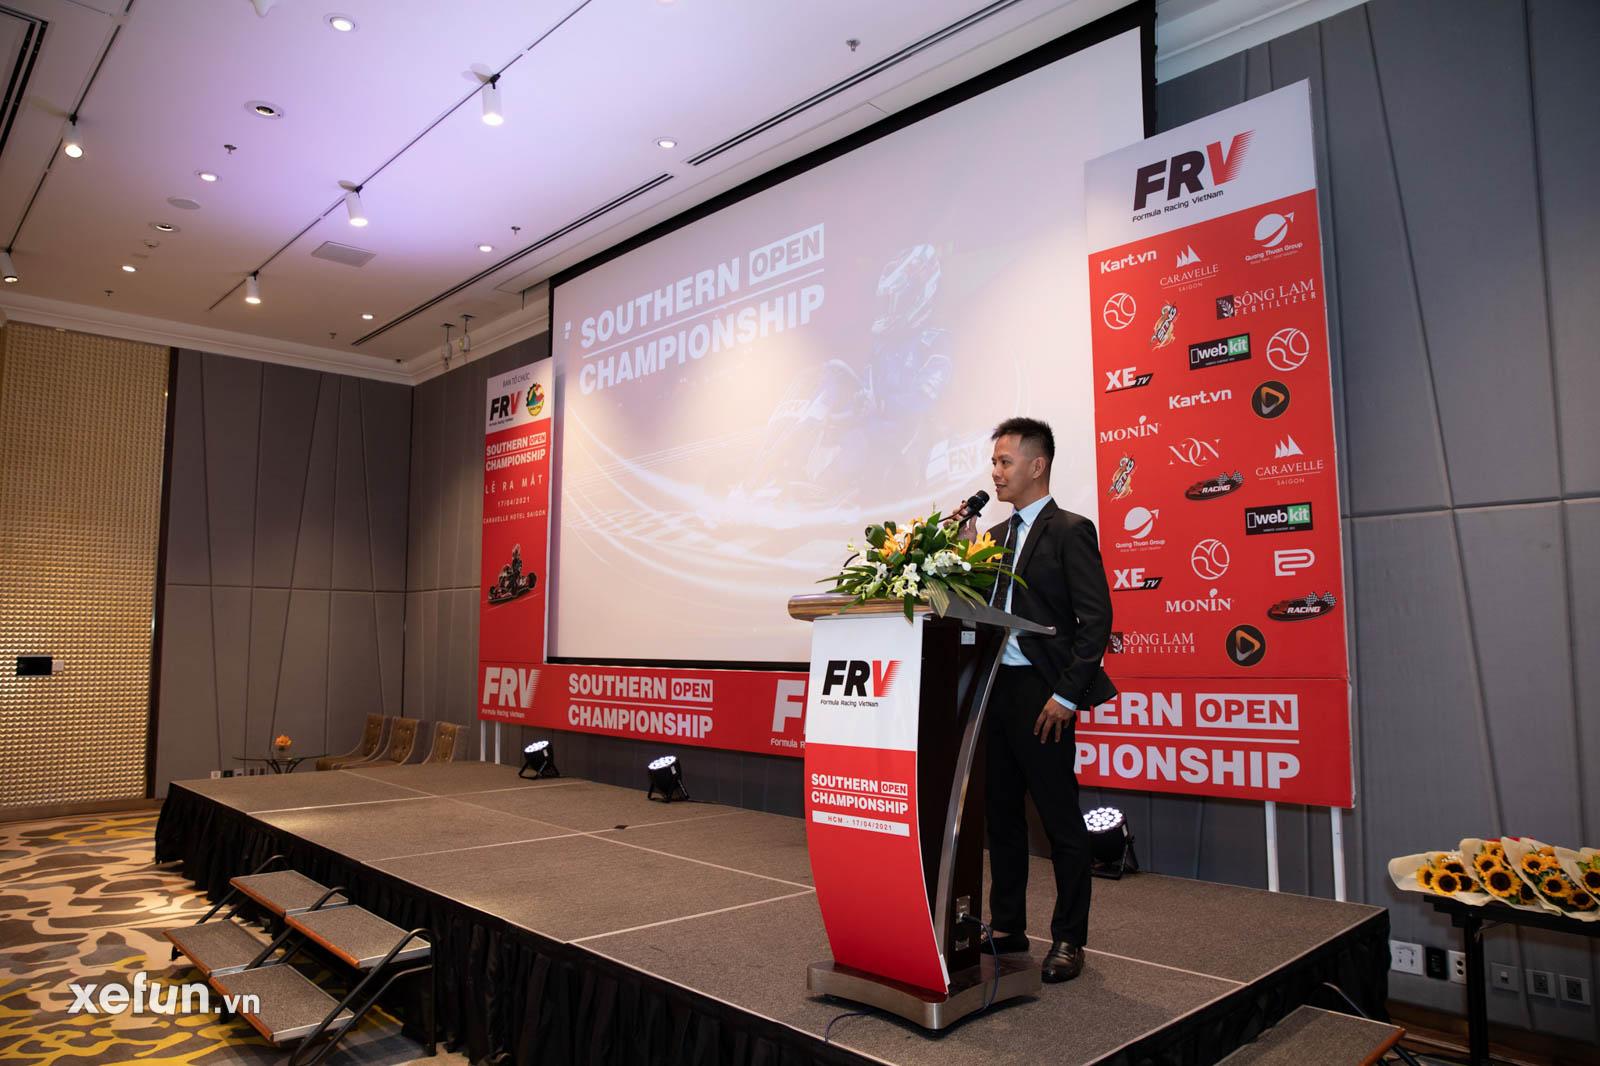 Giải đua Go Kart Southern Open Championship Formula Racing Vietnam trên Xefun (1)58698989